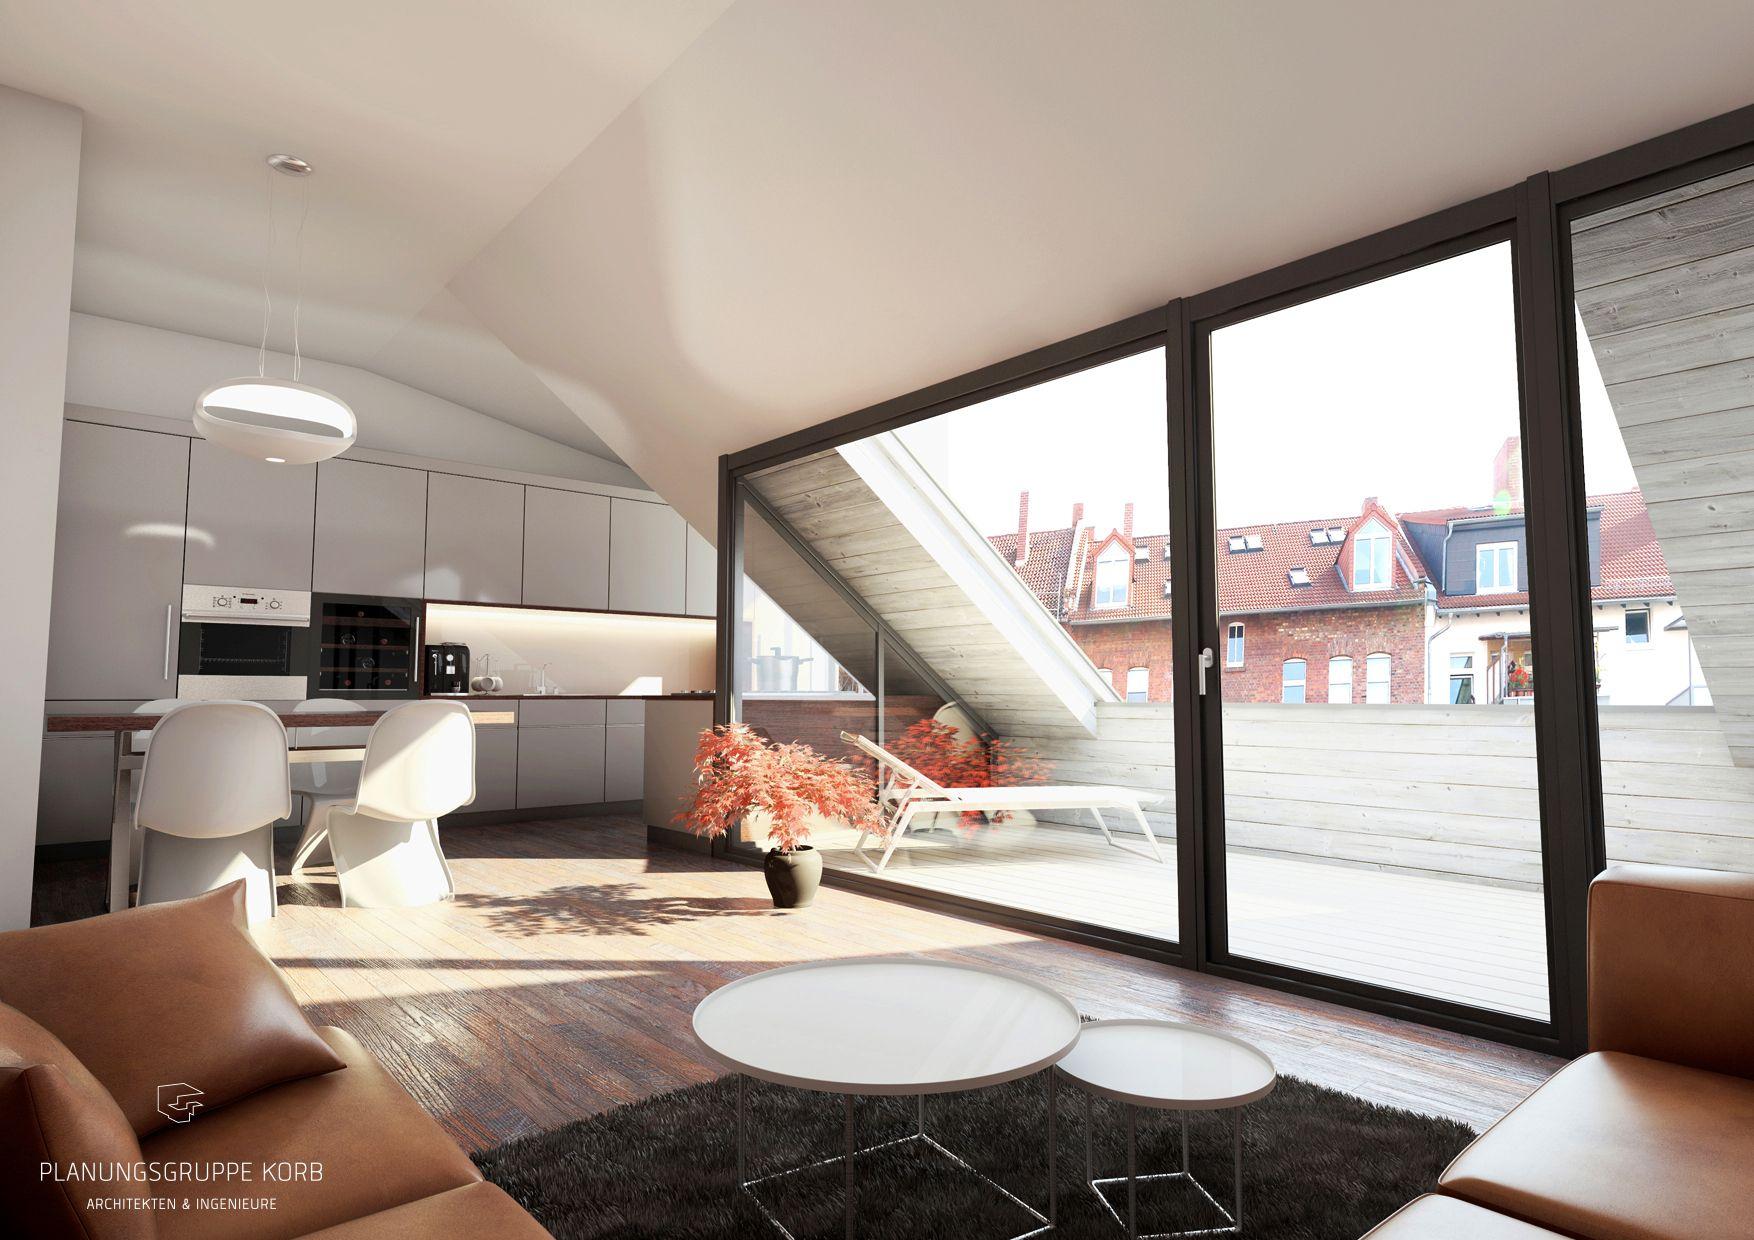 Eitelkeit Offene Küche Wohnzimmer Bilder Ideen Von Blick Vom In Die Küche Und Die